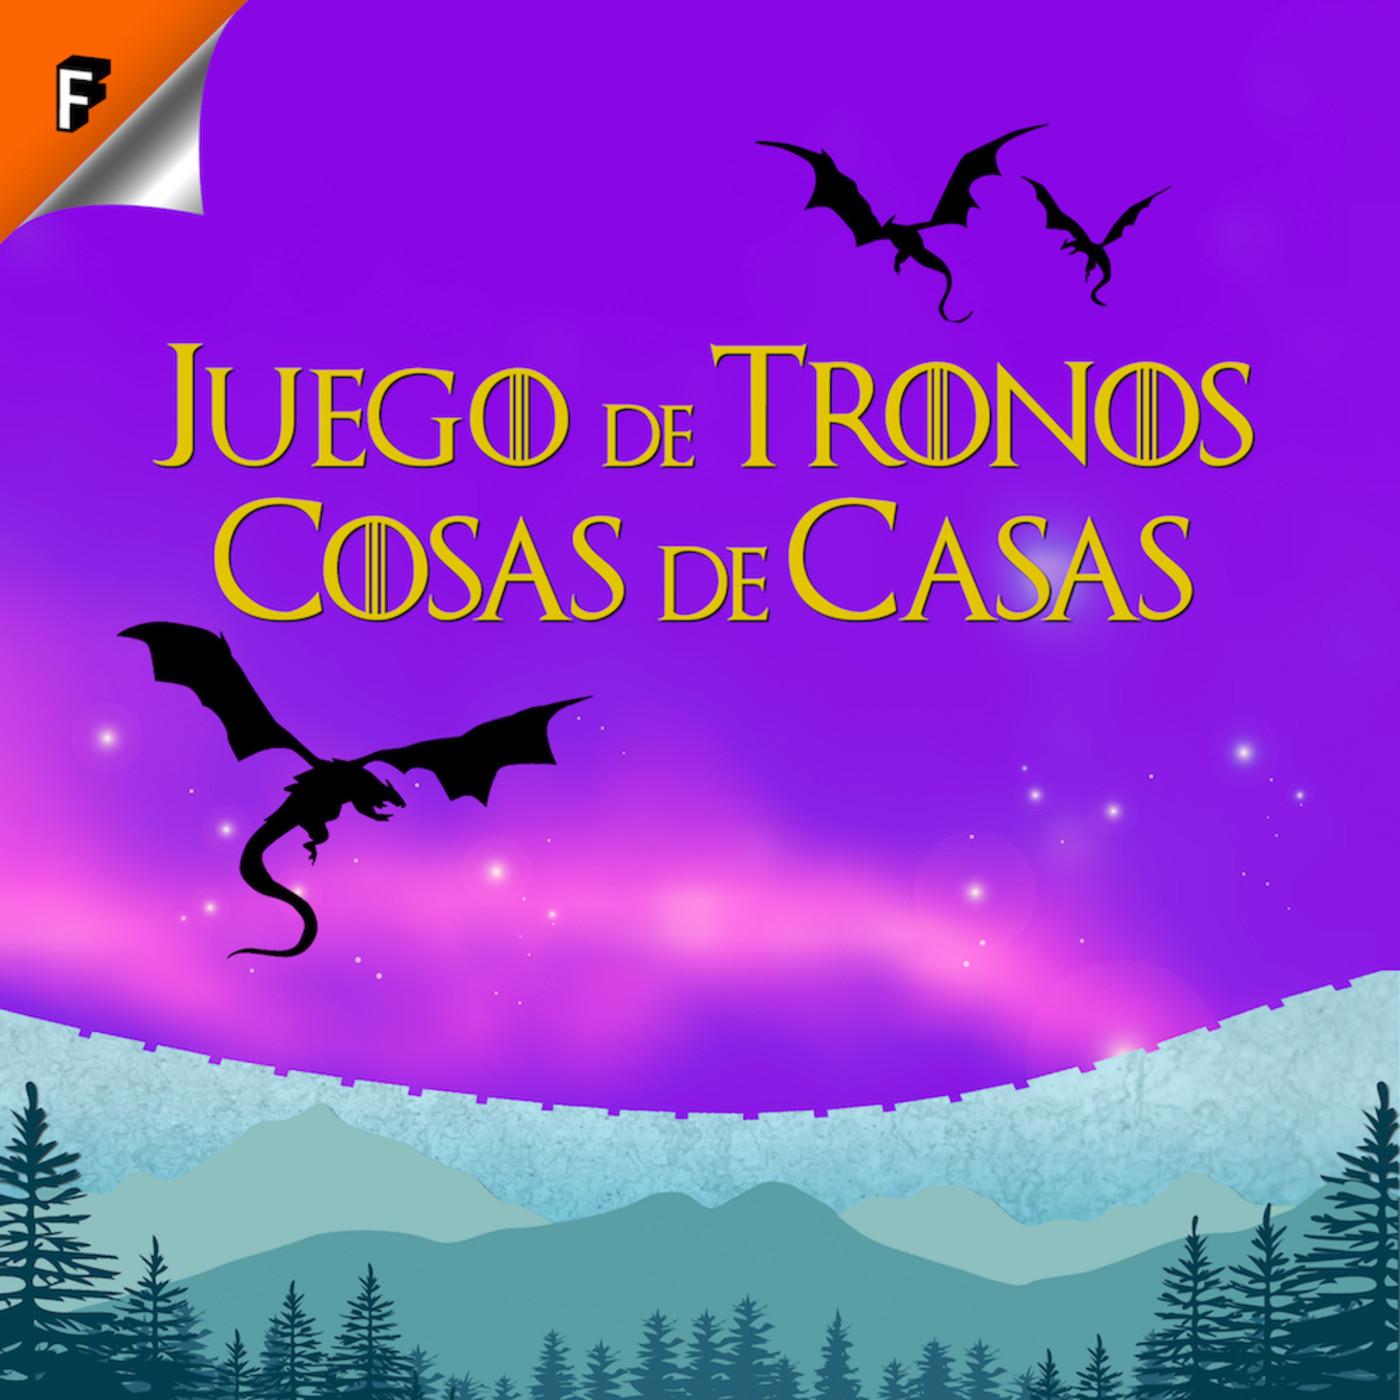 <![CDATA[Juego de Tronos: Cosas de Casas]]>